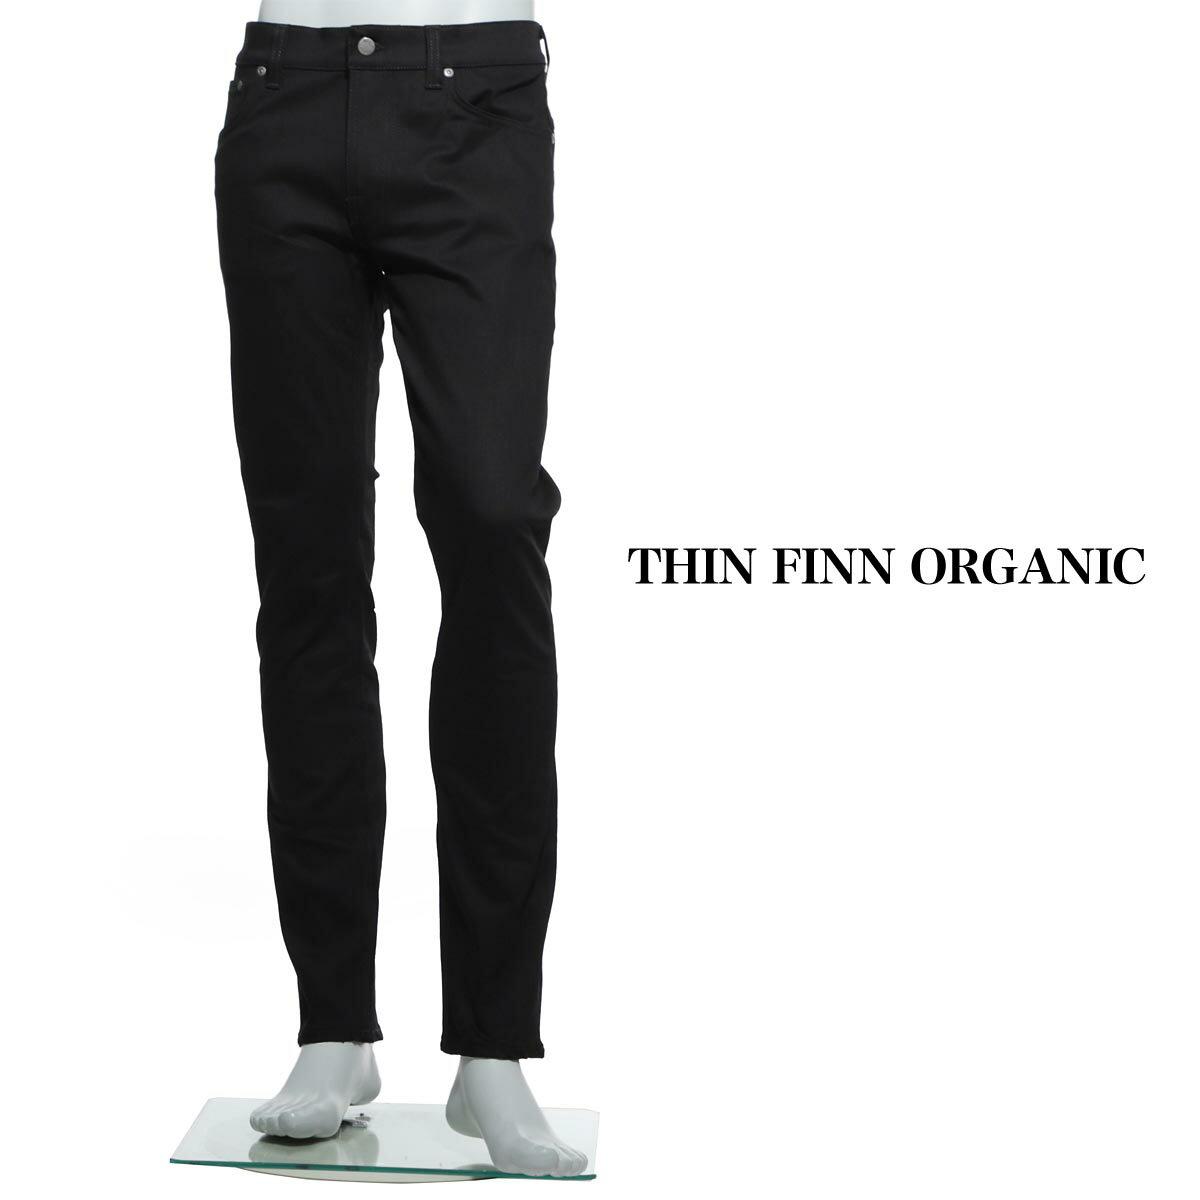 ヌーディ—ジーンズ nudie jeans co ジップフライジーンズ THIN FINN ORGANIC ブラック ブラック系 thin finn 112303 メンズ【あす楽対応_関東】【ラッピング無料】【返品送料無料】【17 02 23】